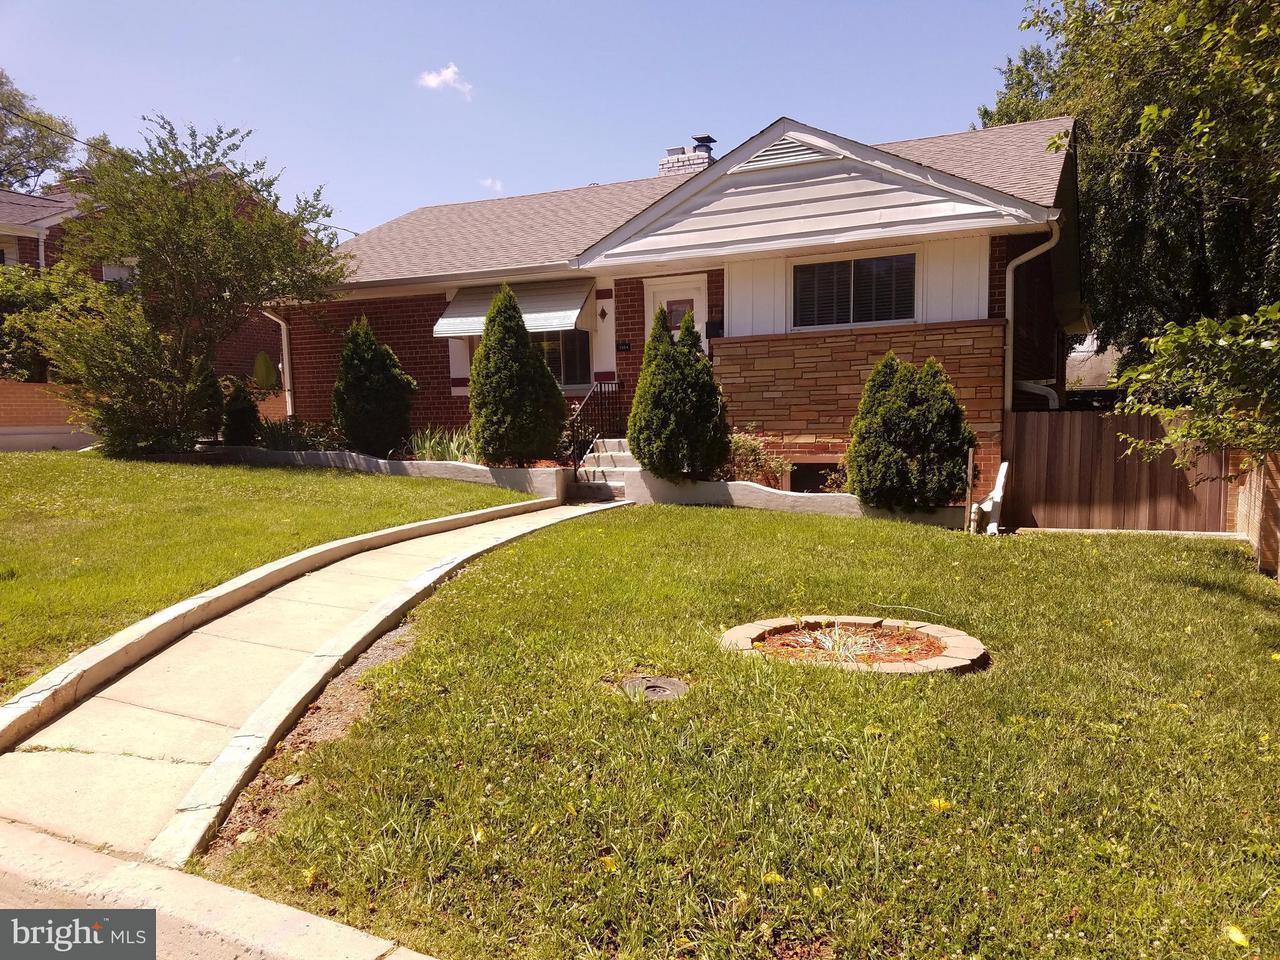 独户住宅 为 销售 在 7904 Cole Avenue 7904 Cole Avenue Takoma Park, 马里兰州 20912 美国